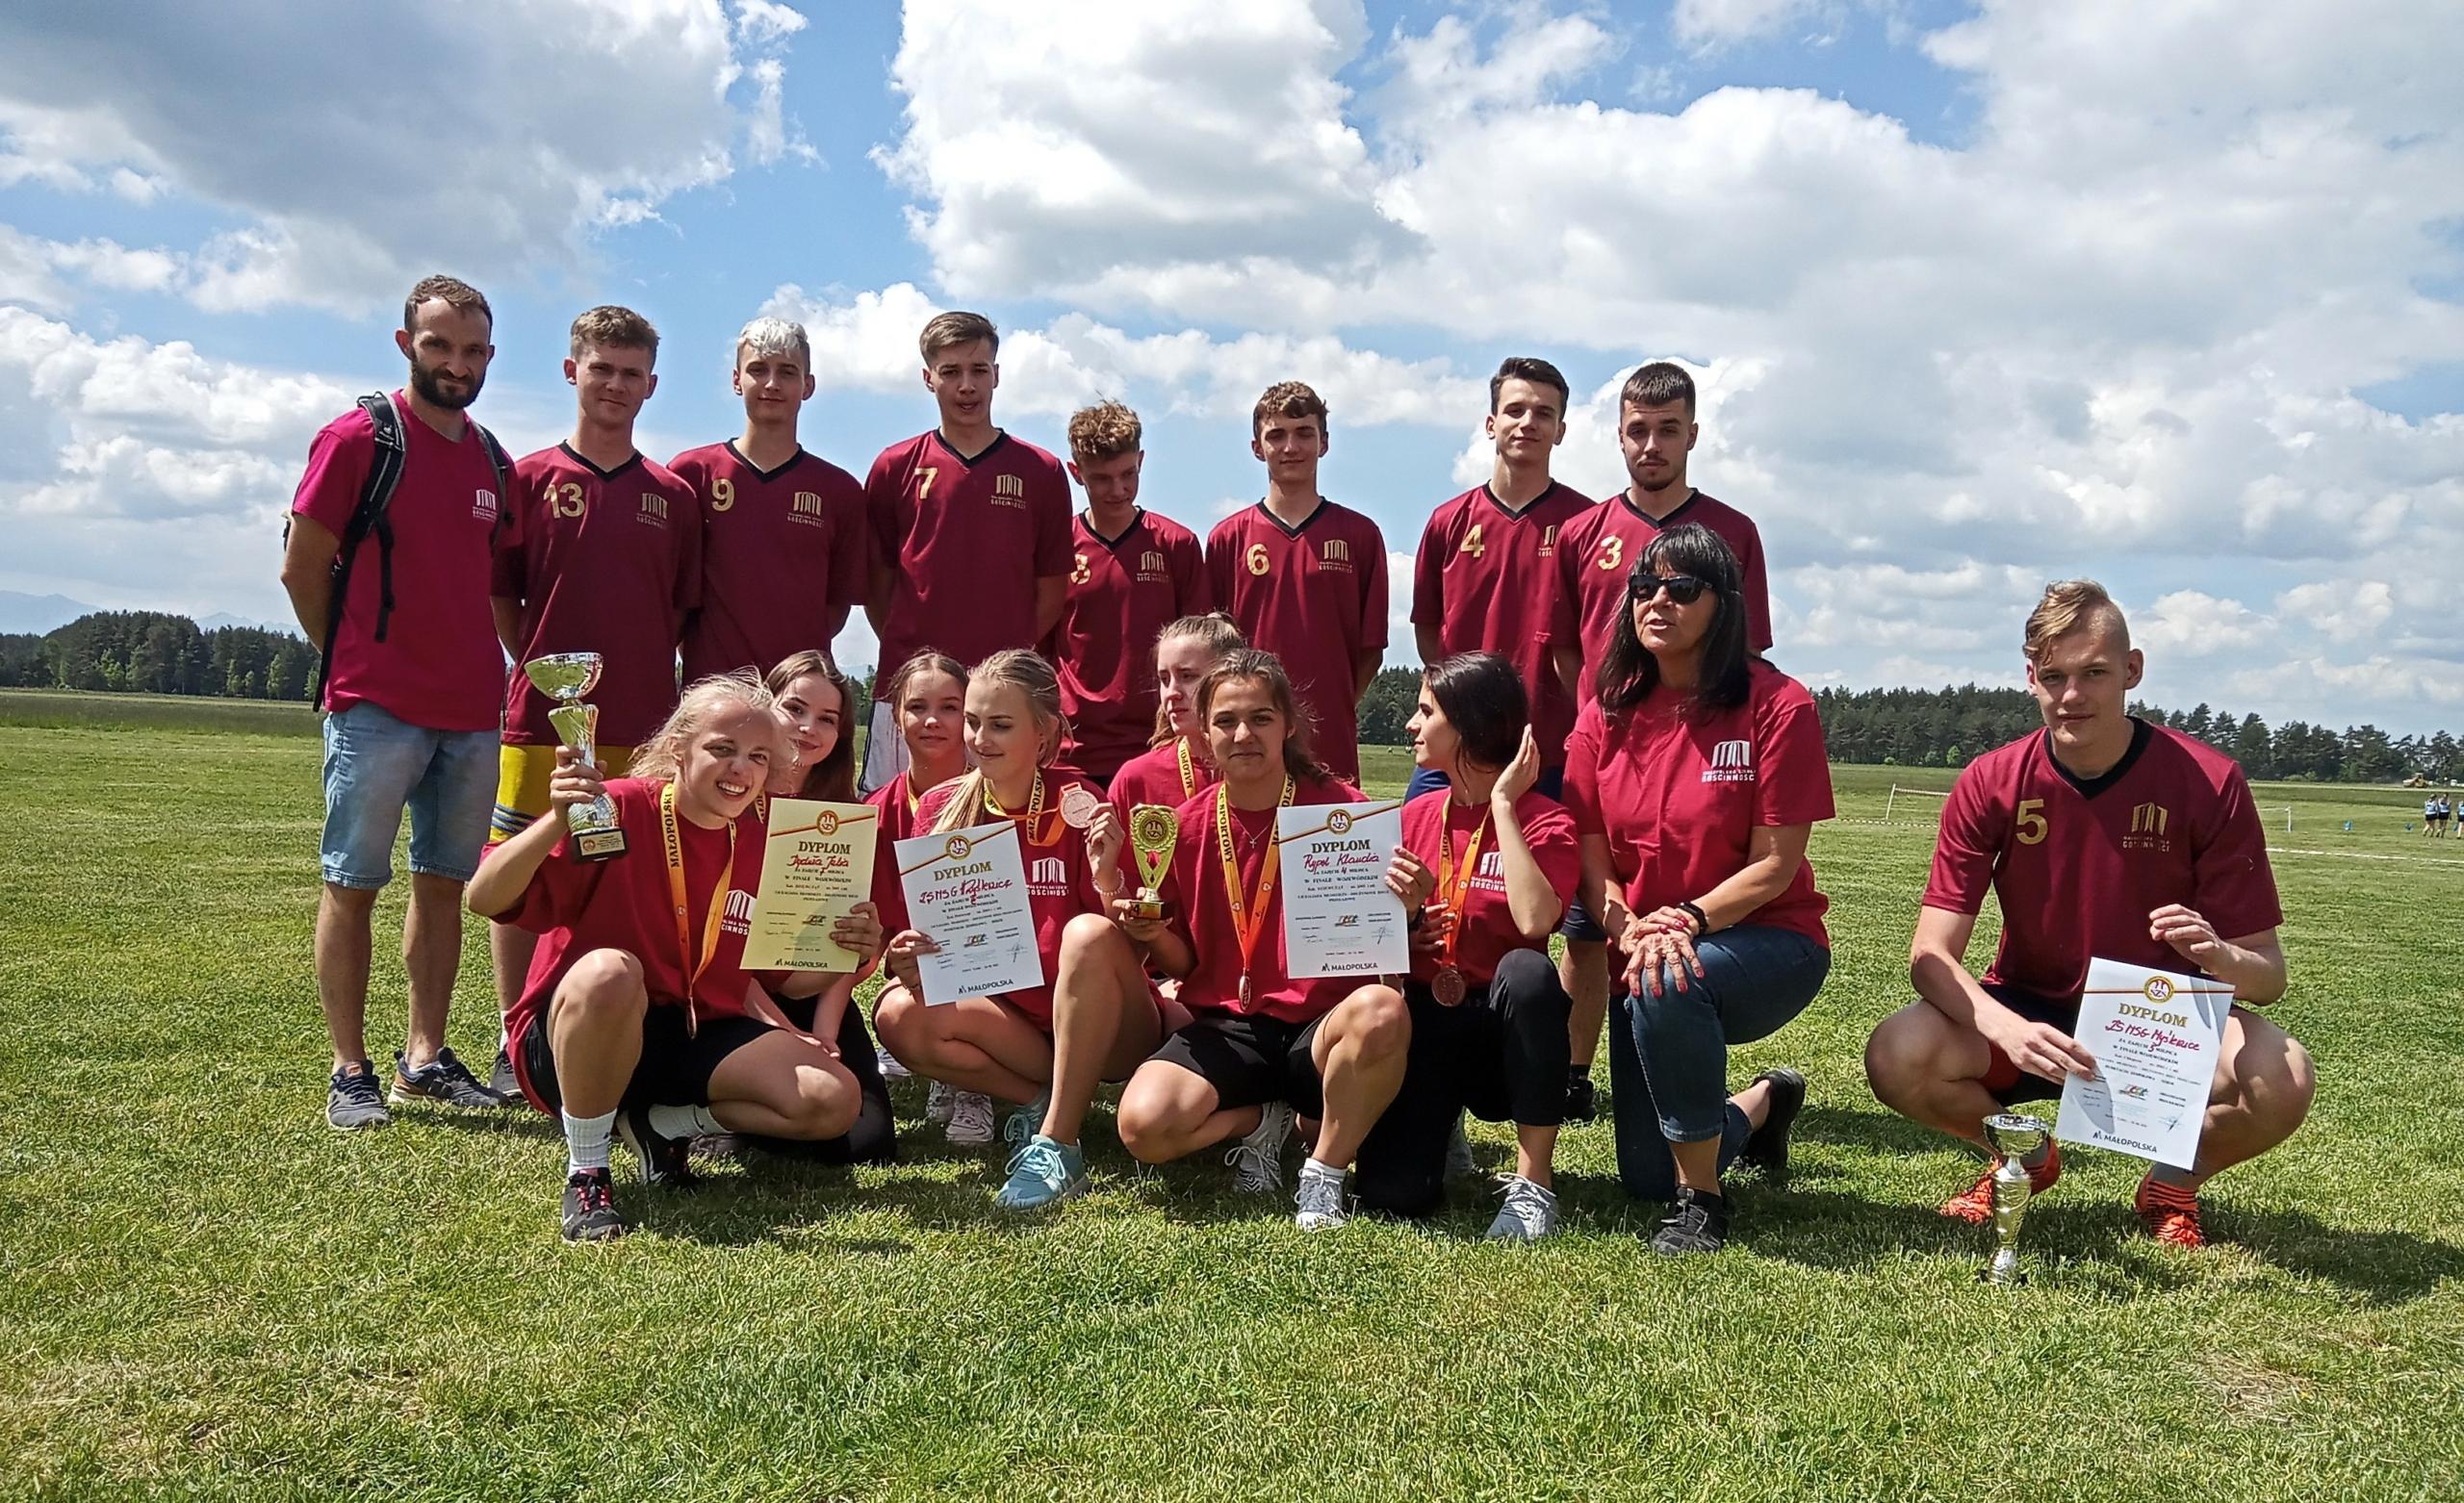 grupa uczniów wyróżnionych w zawodach sportowych